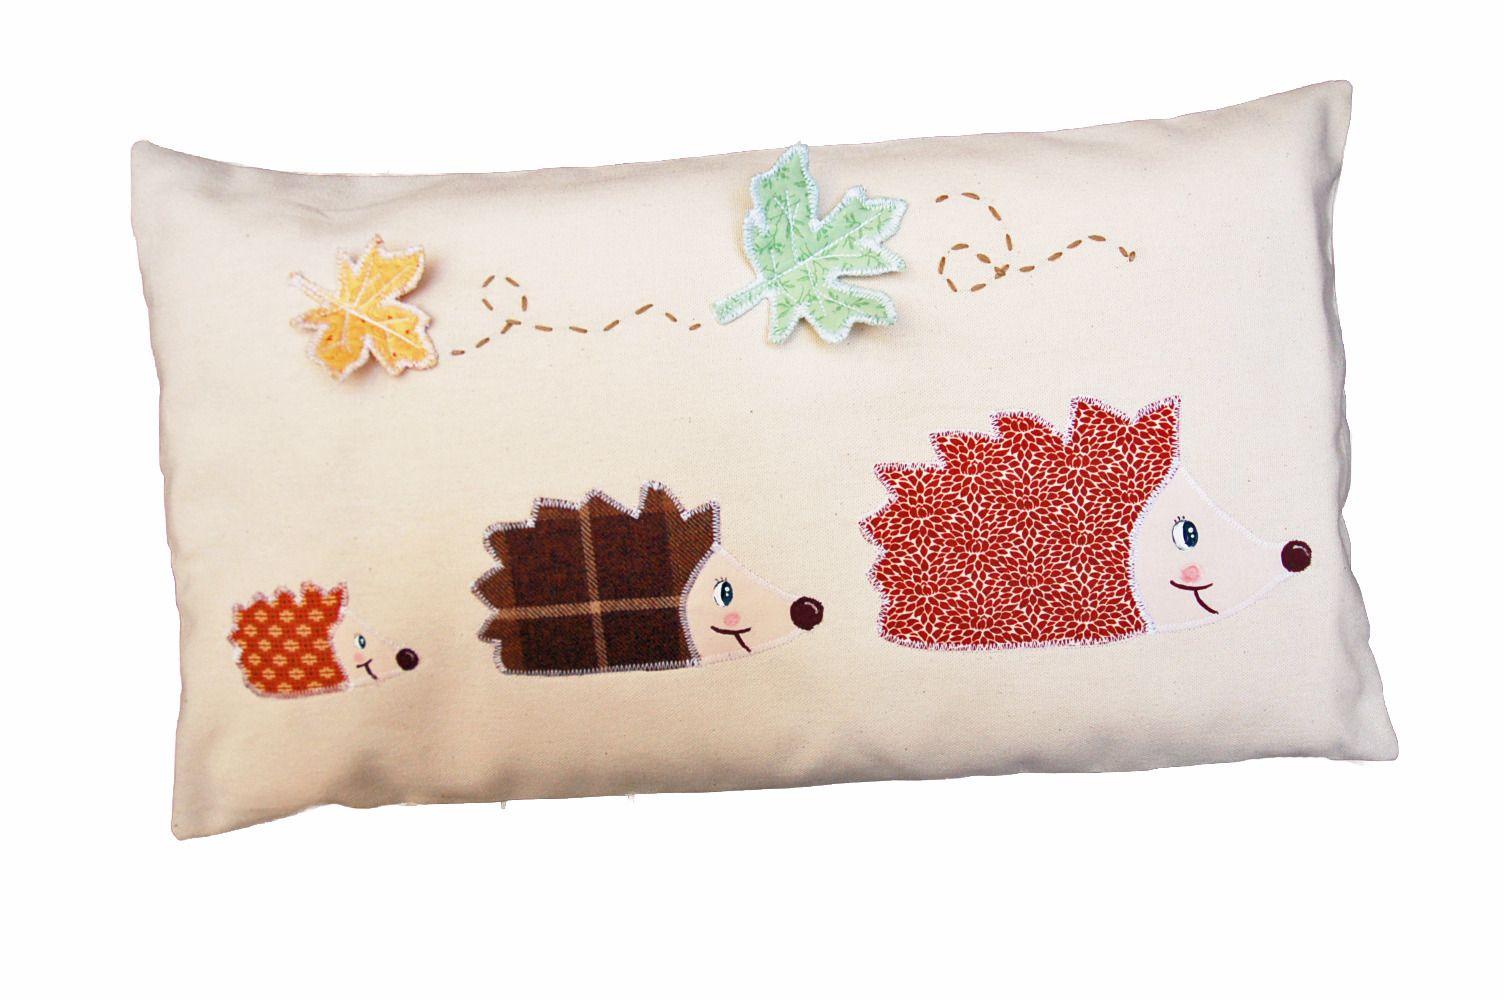 linge de lit herisson Coussin enfant Famille Hérisson, personnalisable avec un prenom  linge de lit herisson